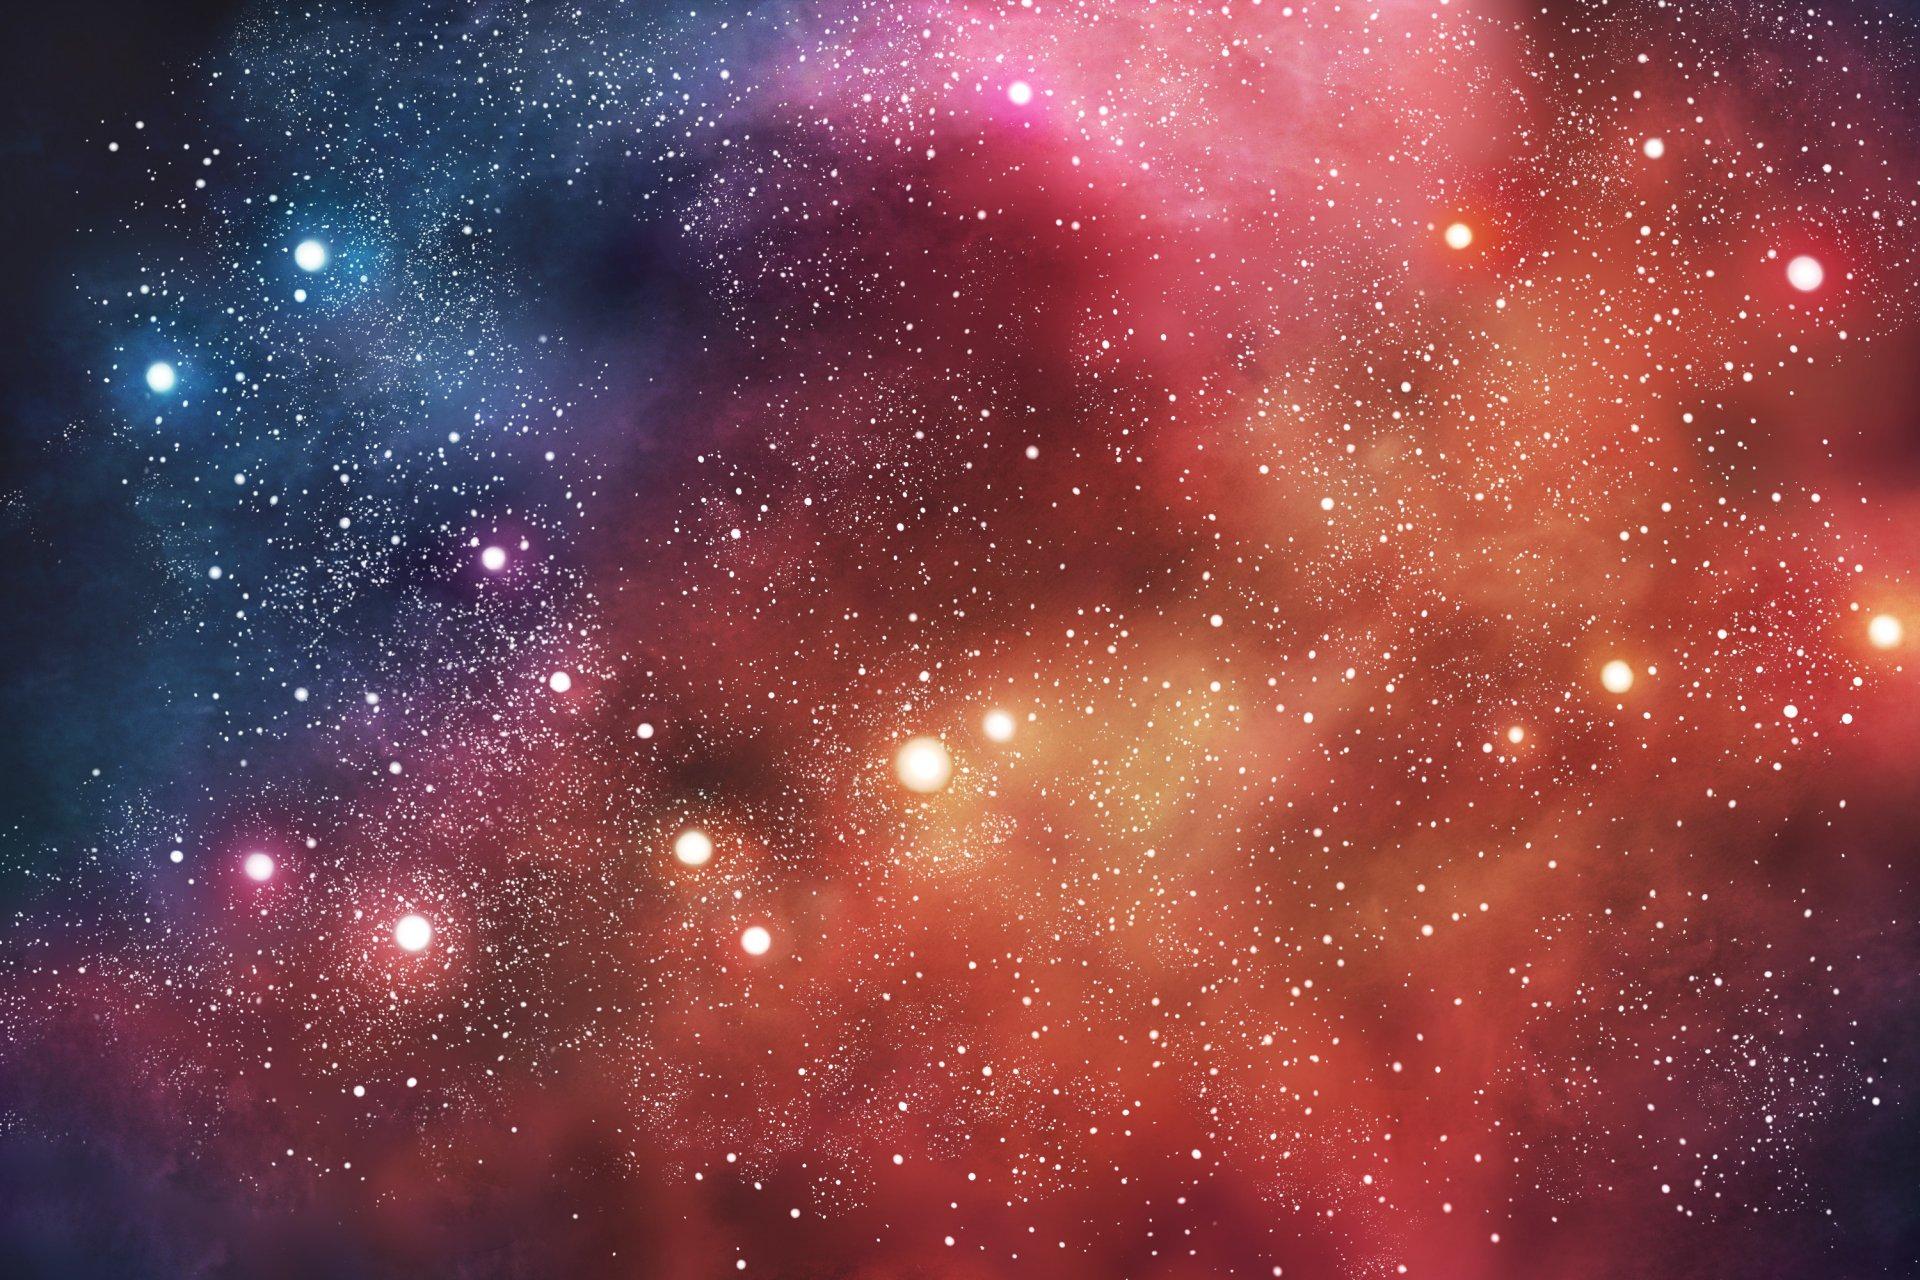 антитеррористическое картинки для фона сайта космос софт, сути